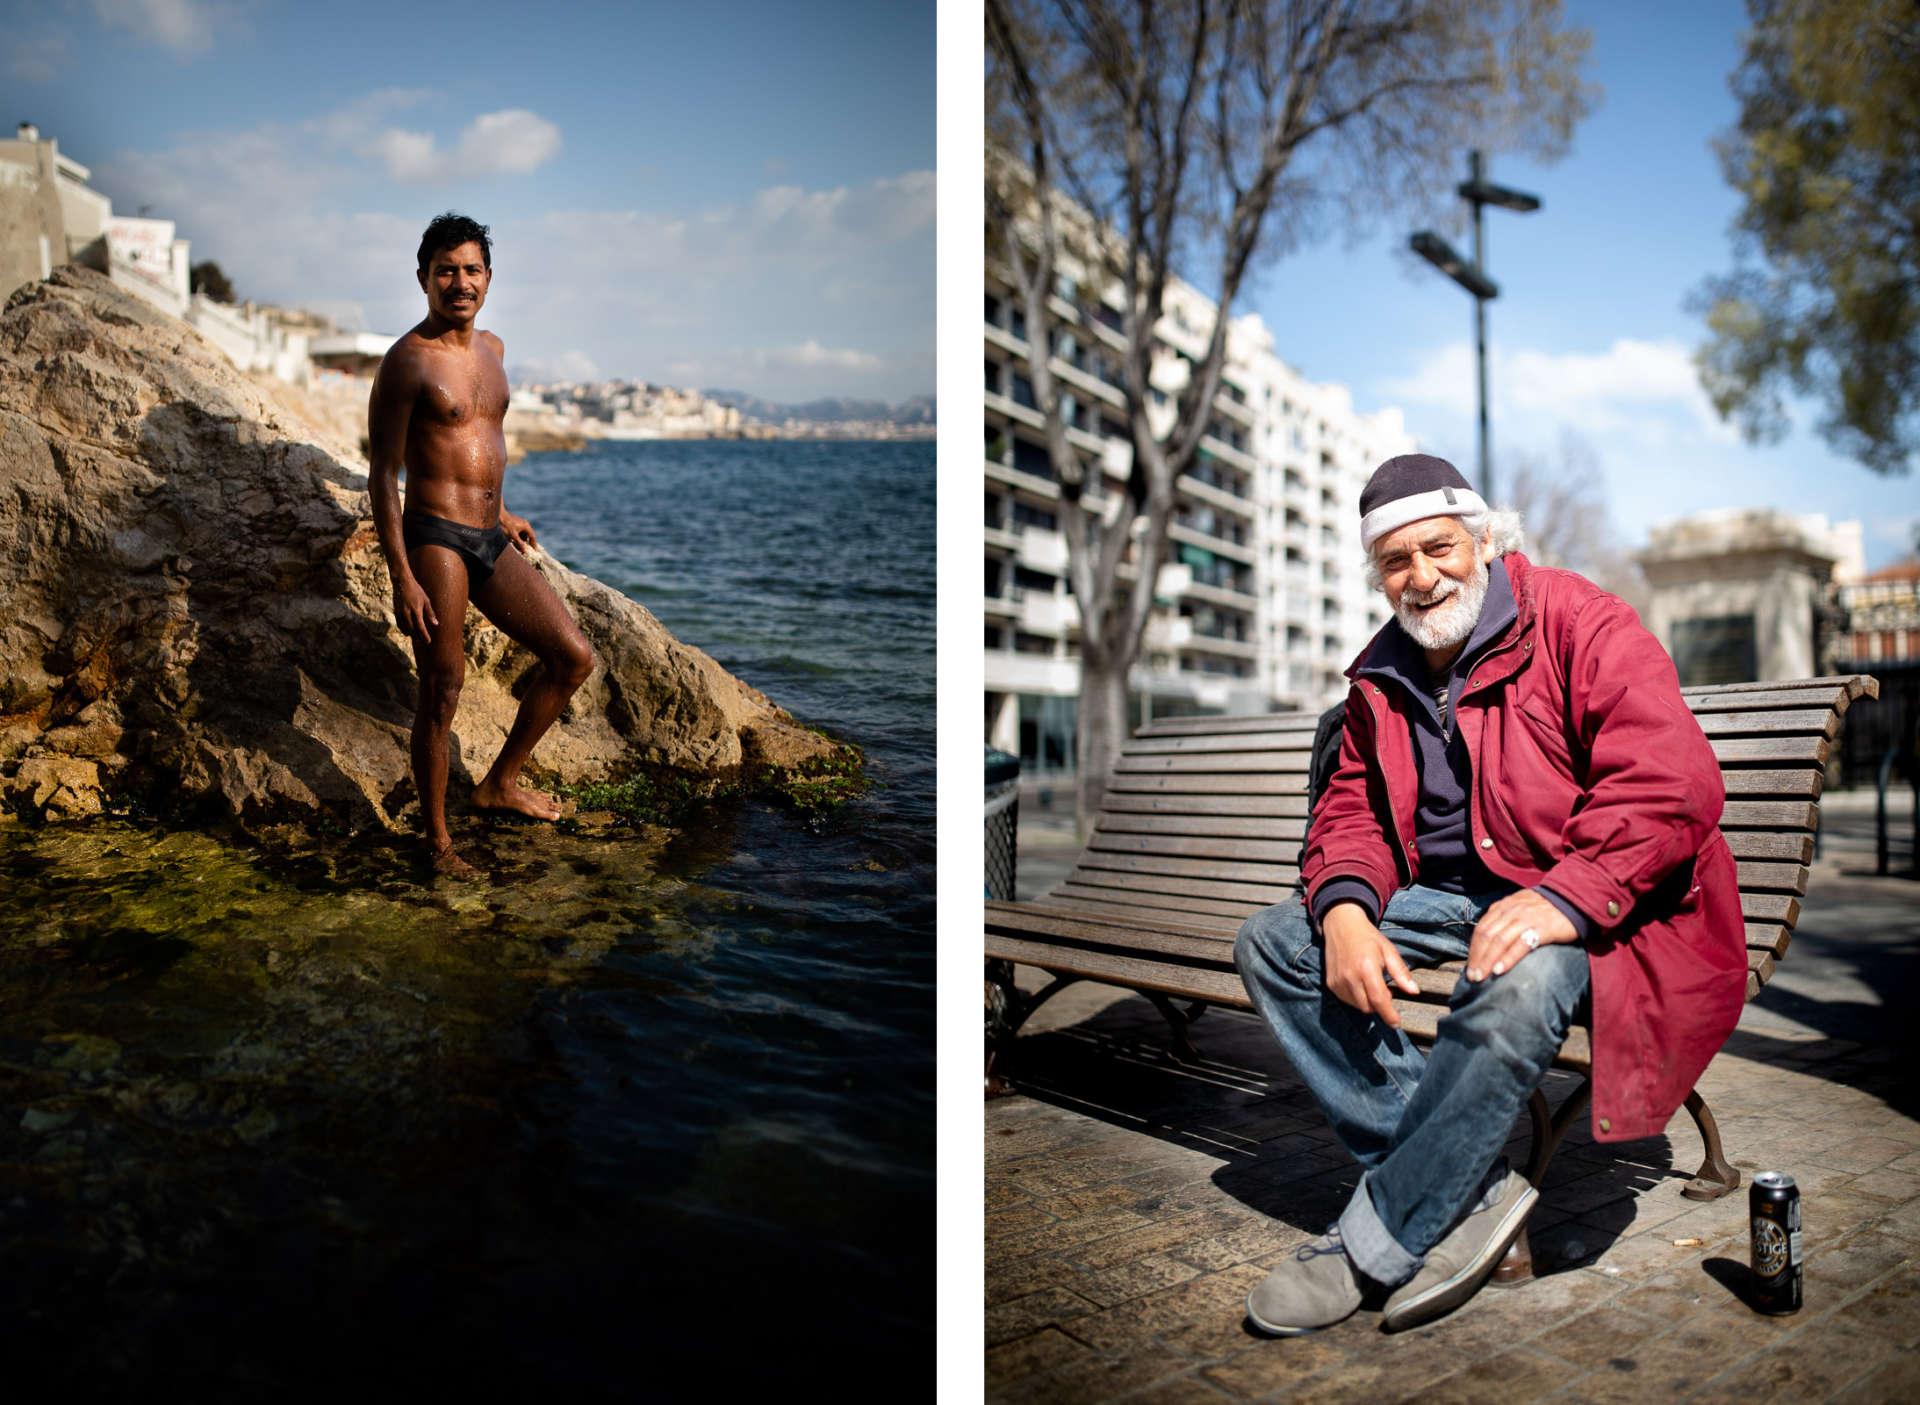 Le 21mars. Agauche, Julio: «Je viens nager ici tous les jours, toute l'année. Hier, un policier m'a dit que je pouvais nager un peu, mais pas rester lézarder au soleil.» Adroite,Saïd: «Moi, j'ai pas le choix, je n'ai pas de maison pour me confiner… Ce système est un système de merde: àMarseille, il y a plein d'appartements vacants… On demande pas une villa, juste un studio! On est totalement abandonnés.»